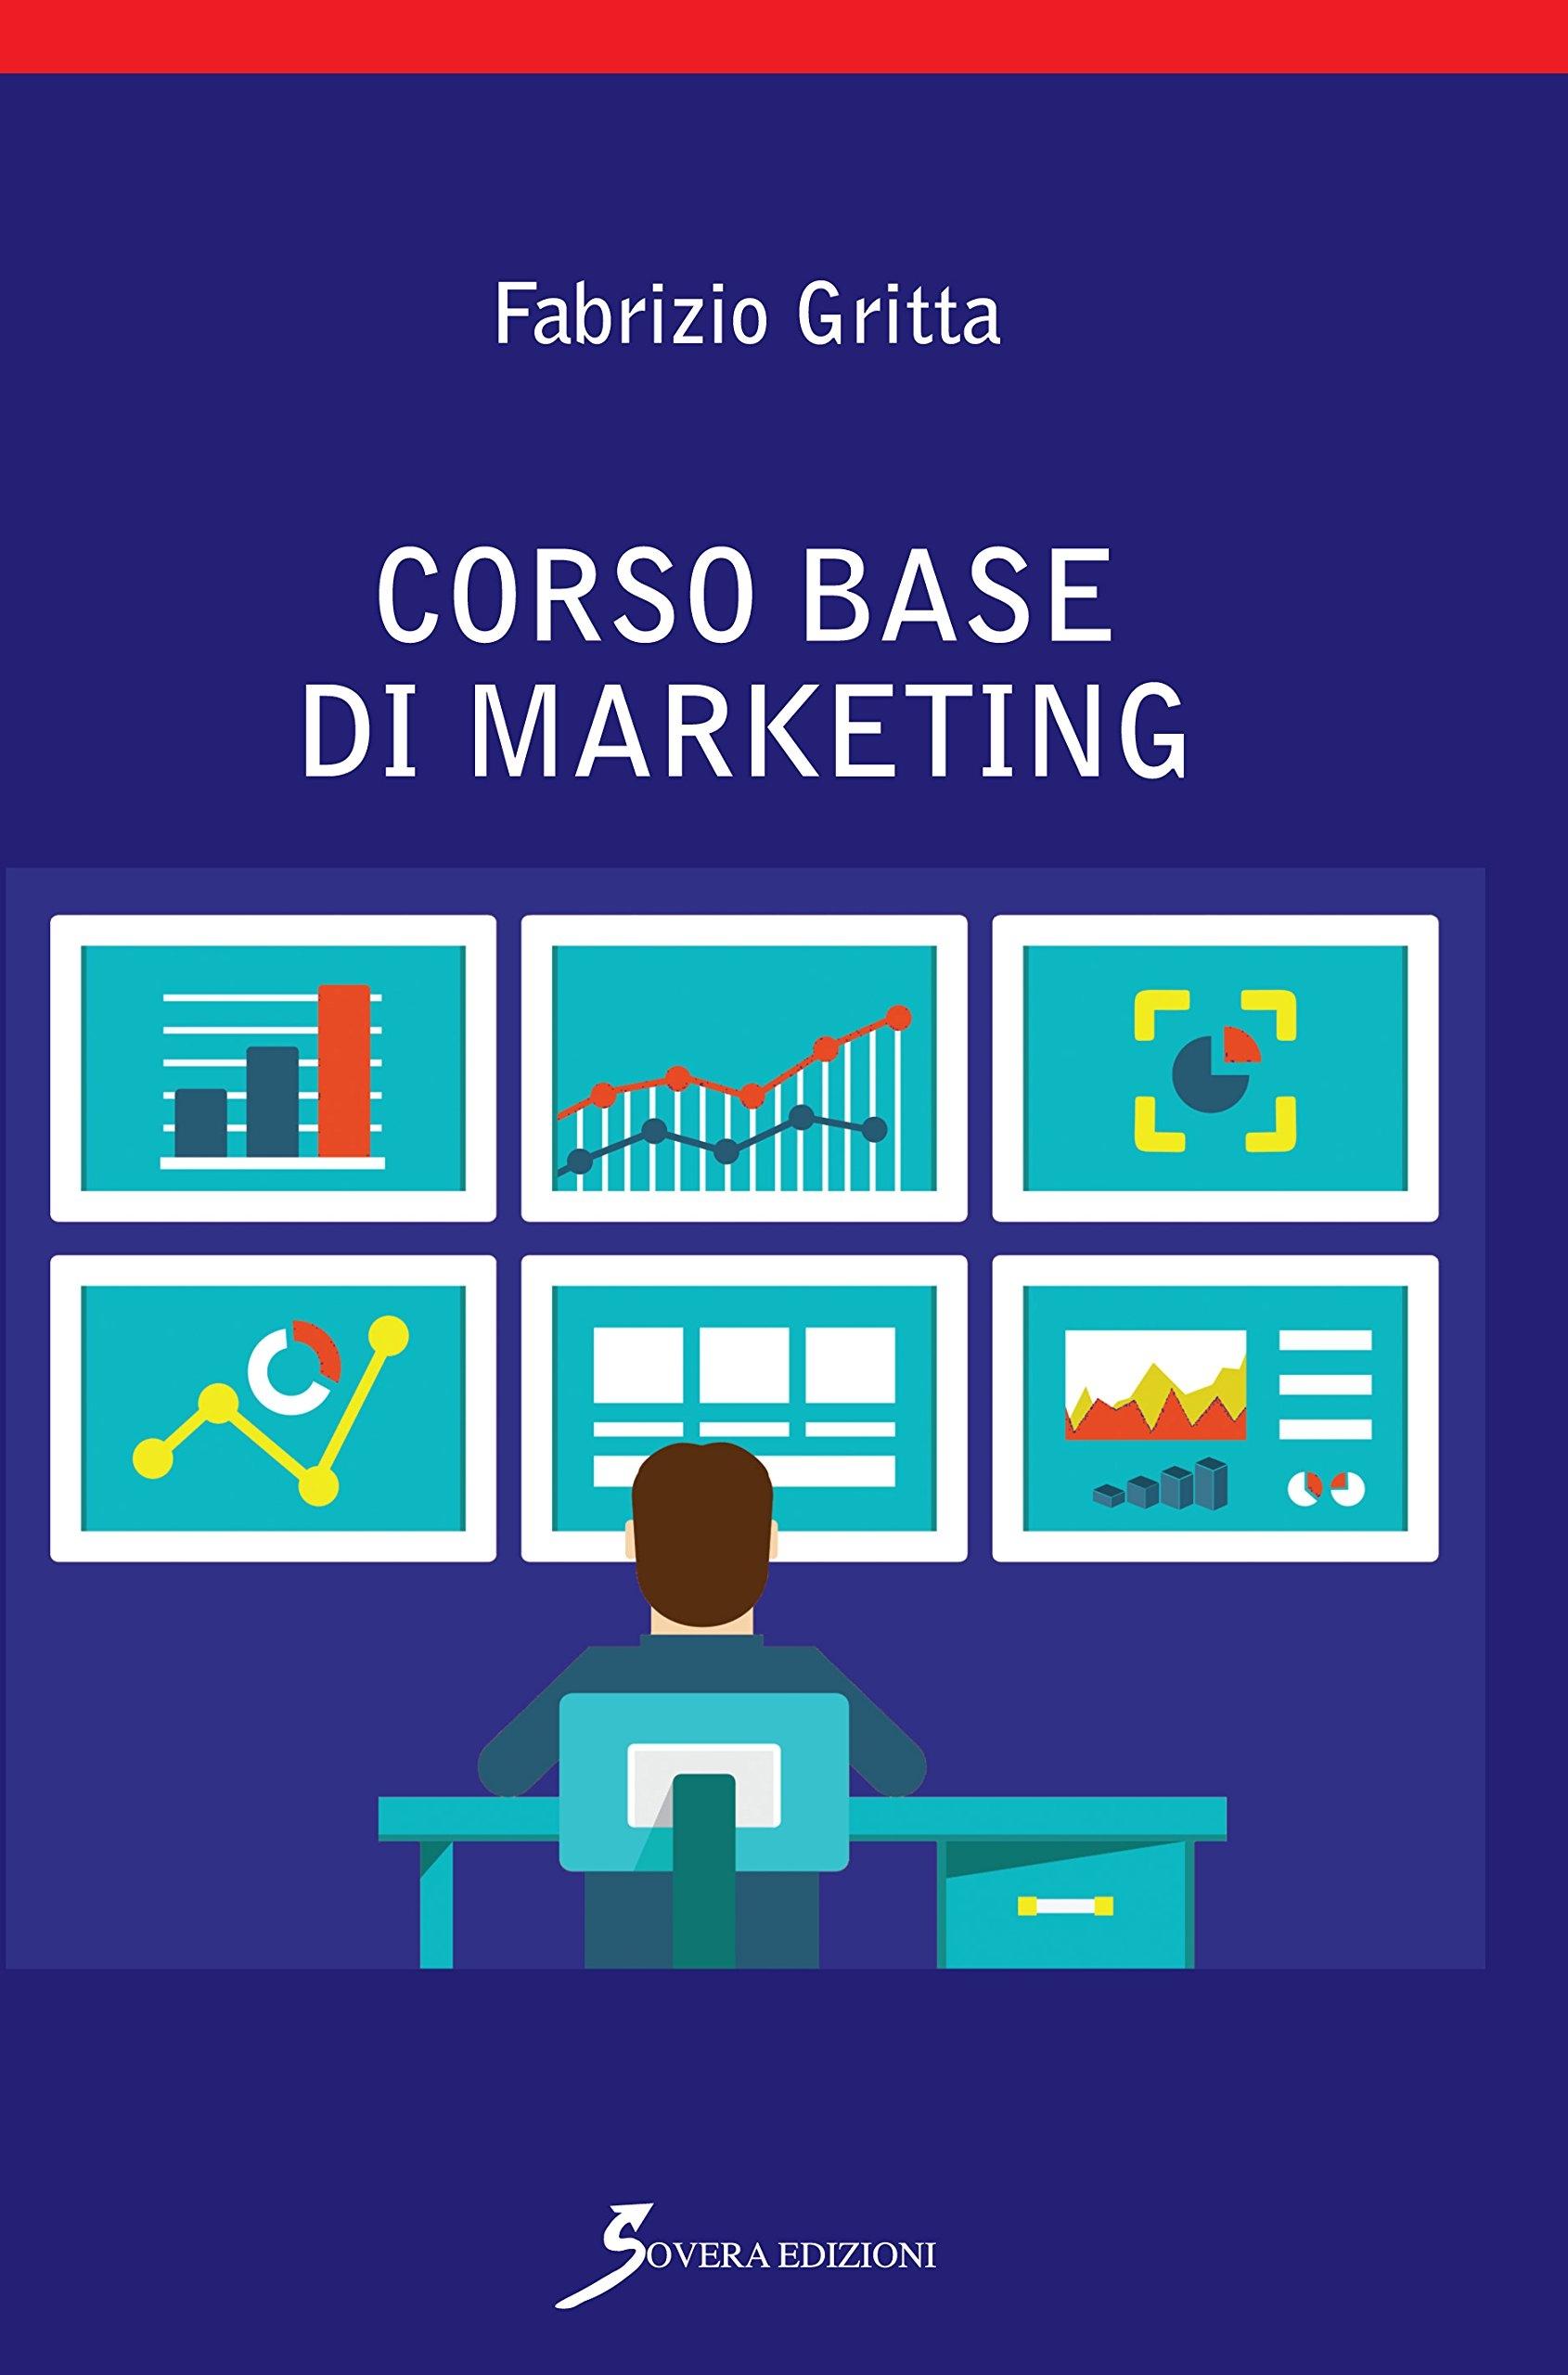 Corso base di marketing